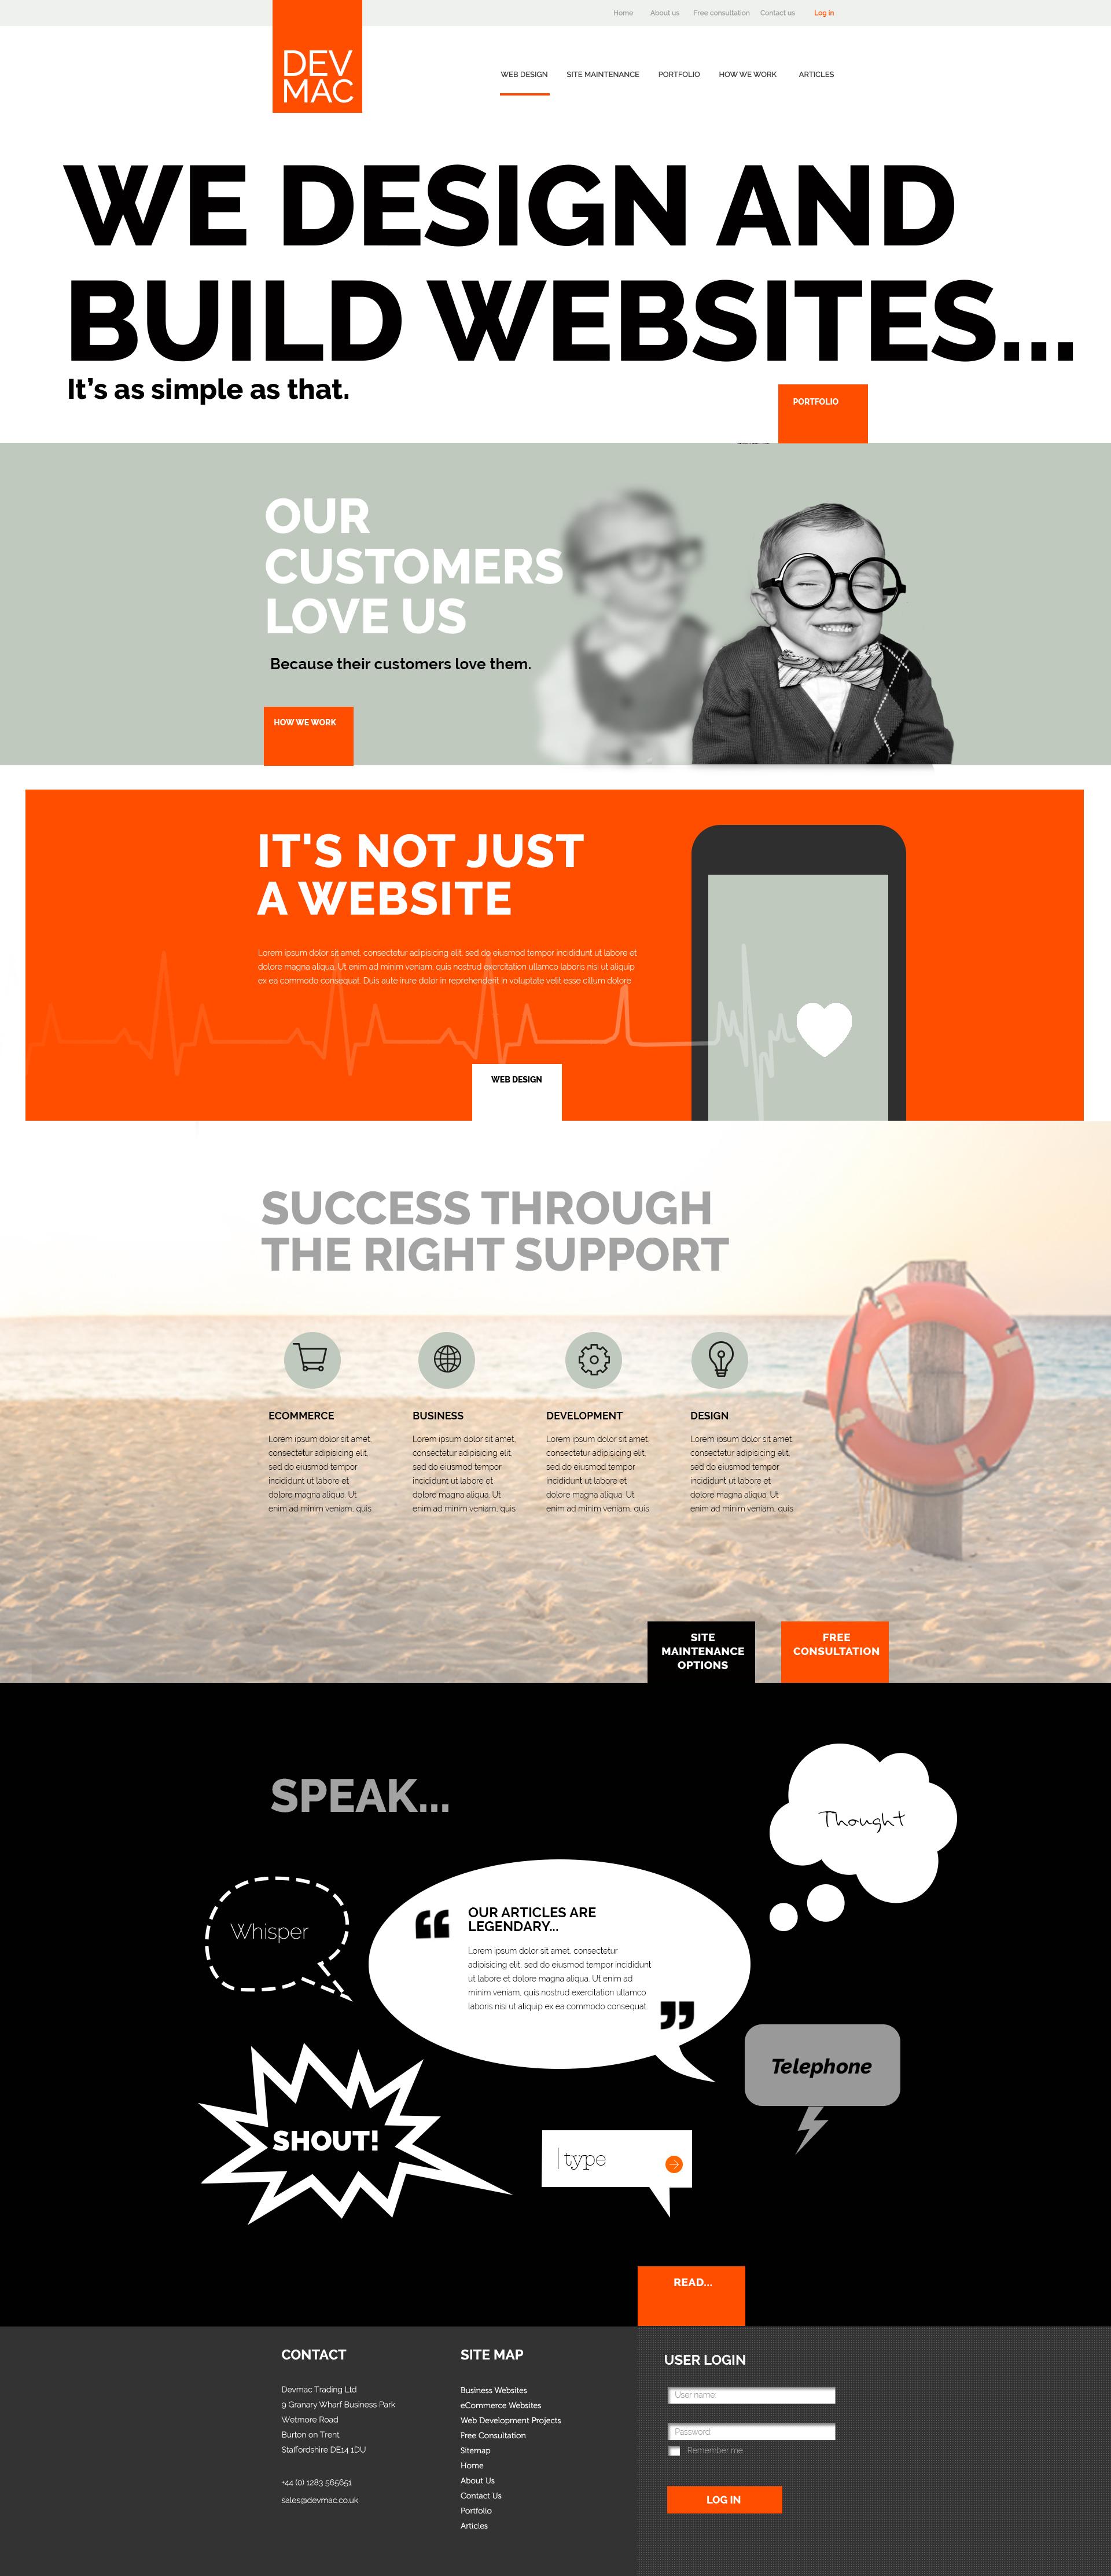 Devmac website 2016